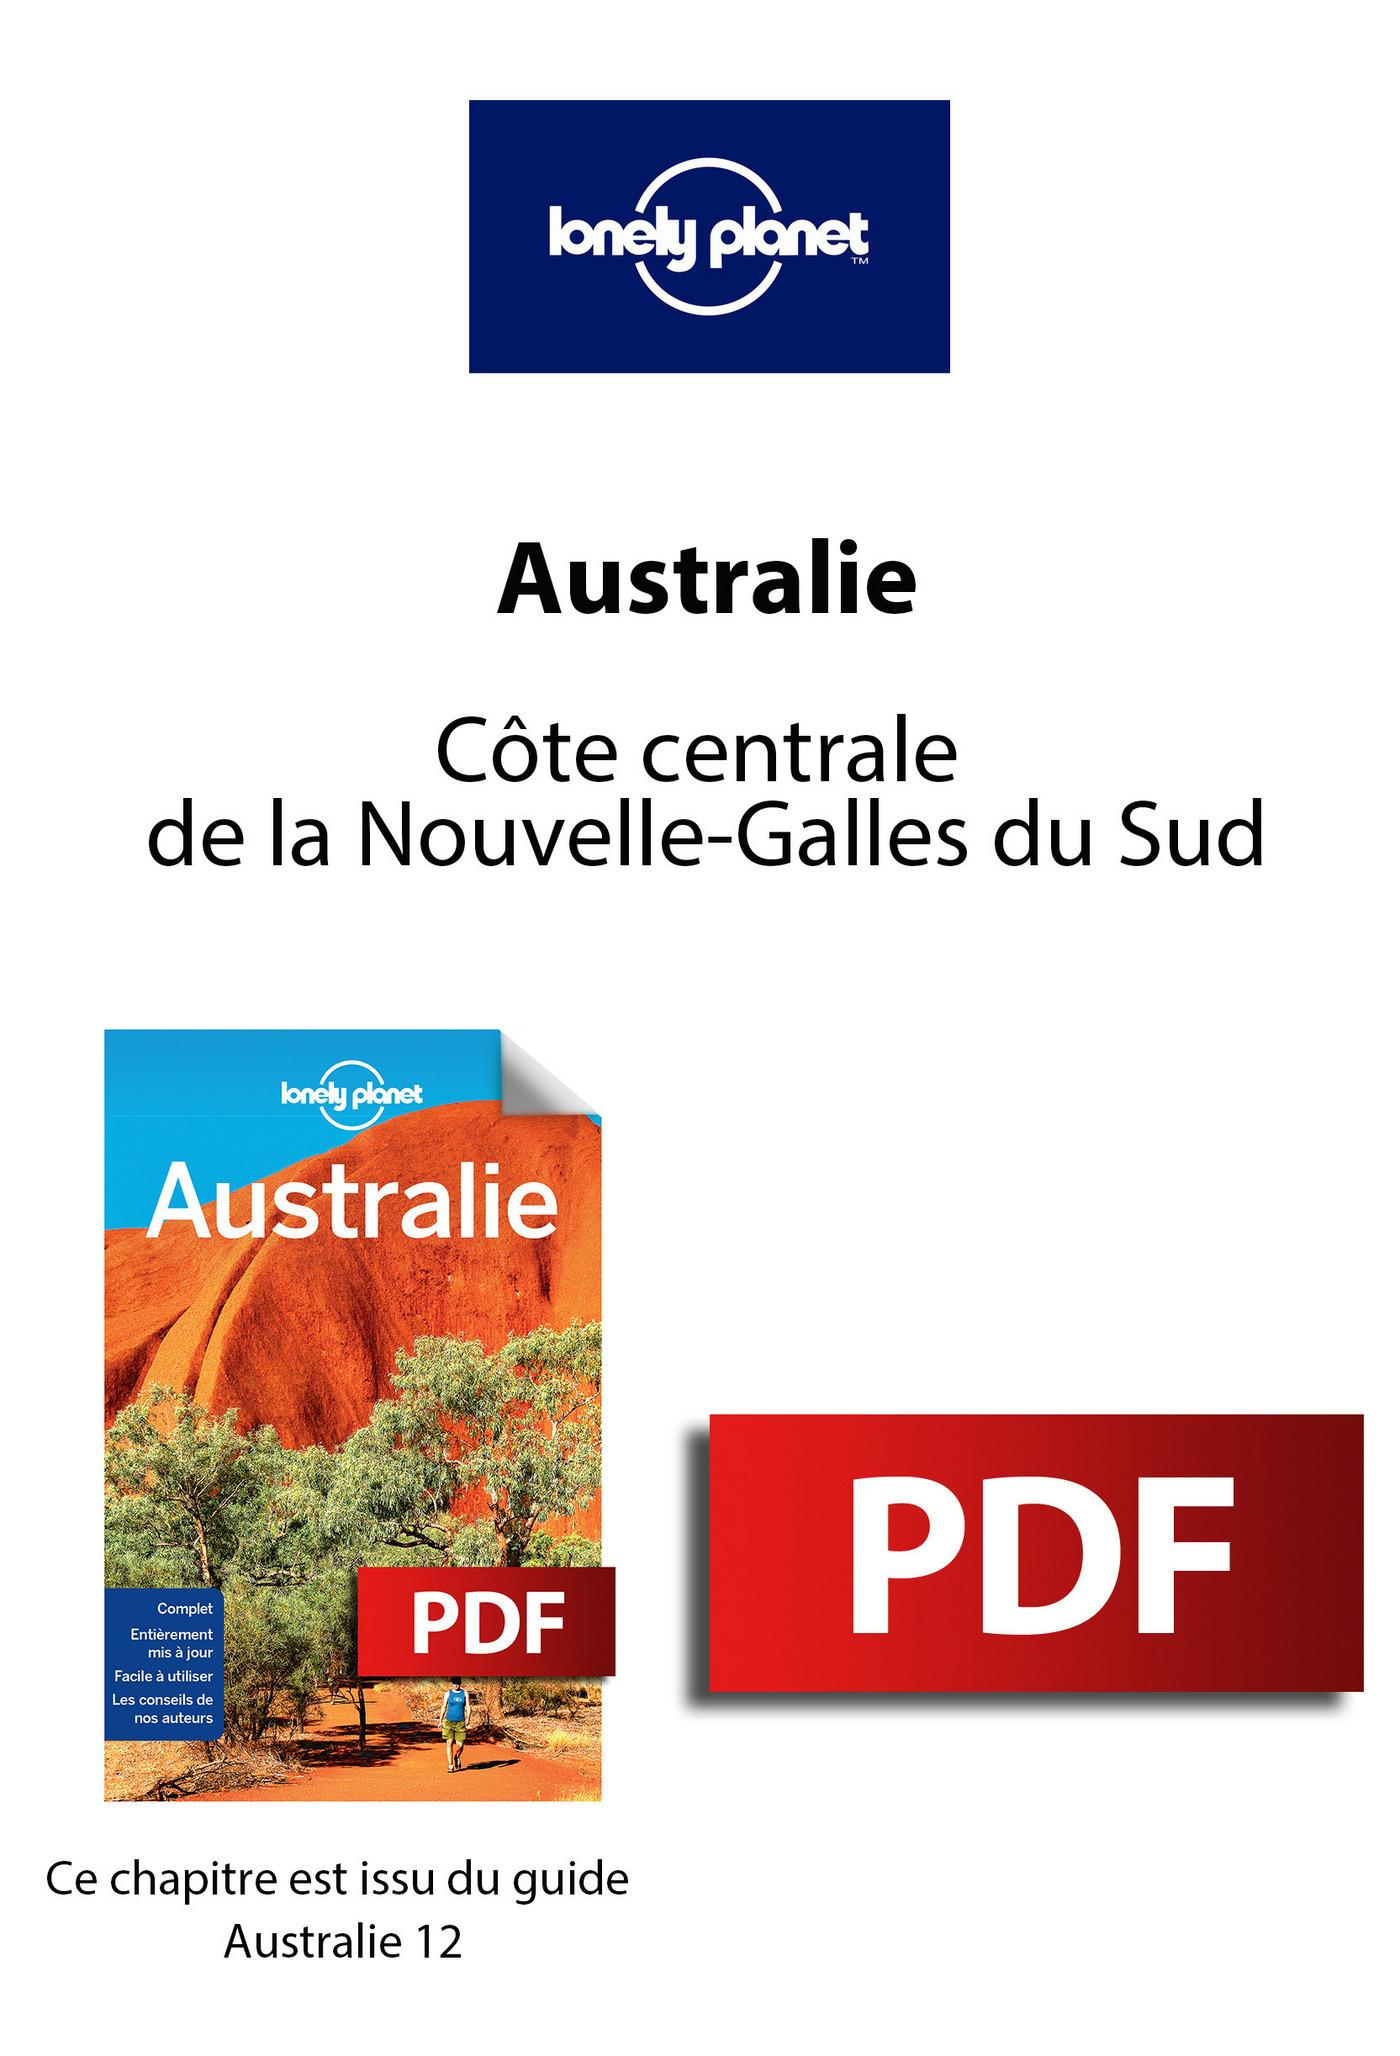 Australie - Côte centrale de la Nouvelle-Galles du Sud